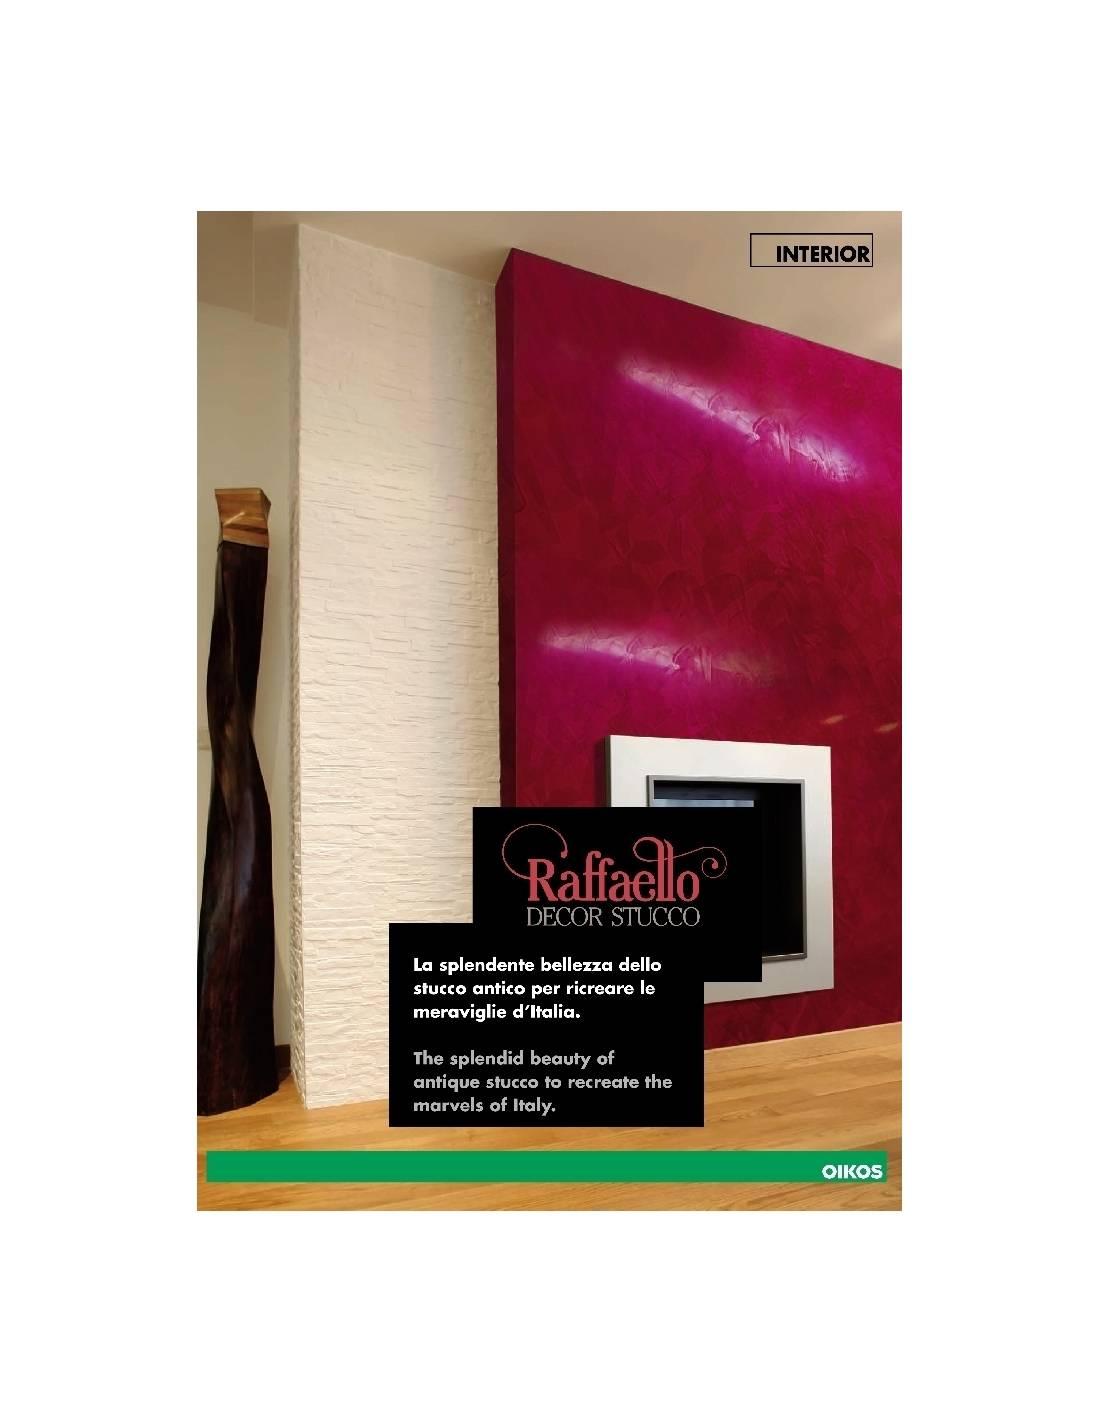 Cartella colori oikos raffaello decor stucco for Oikos pitture cartella colori